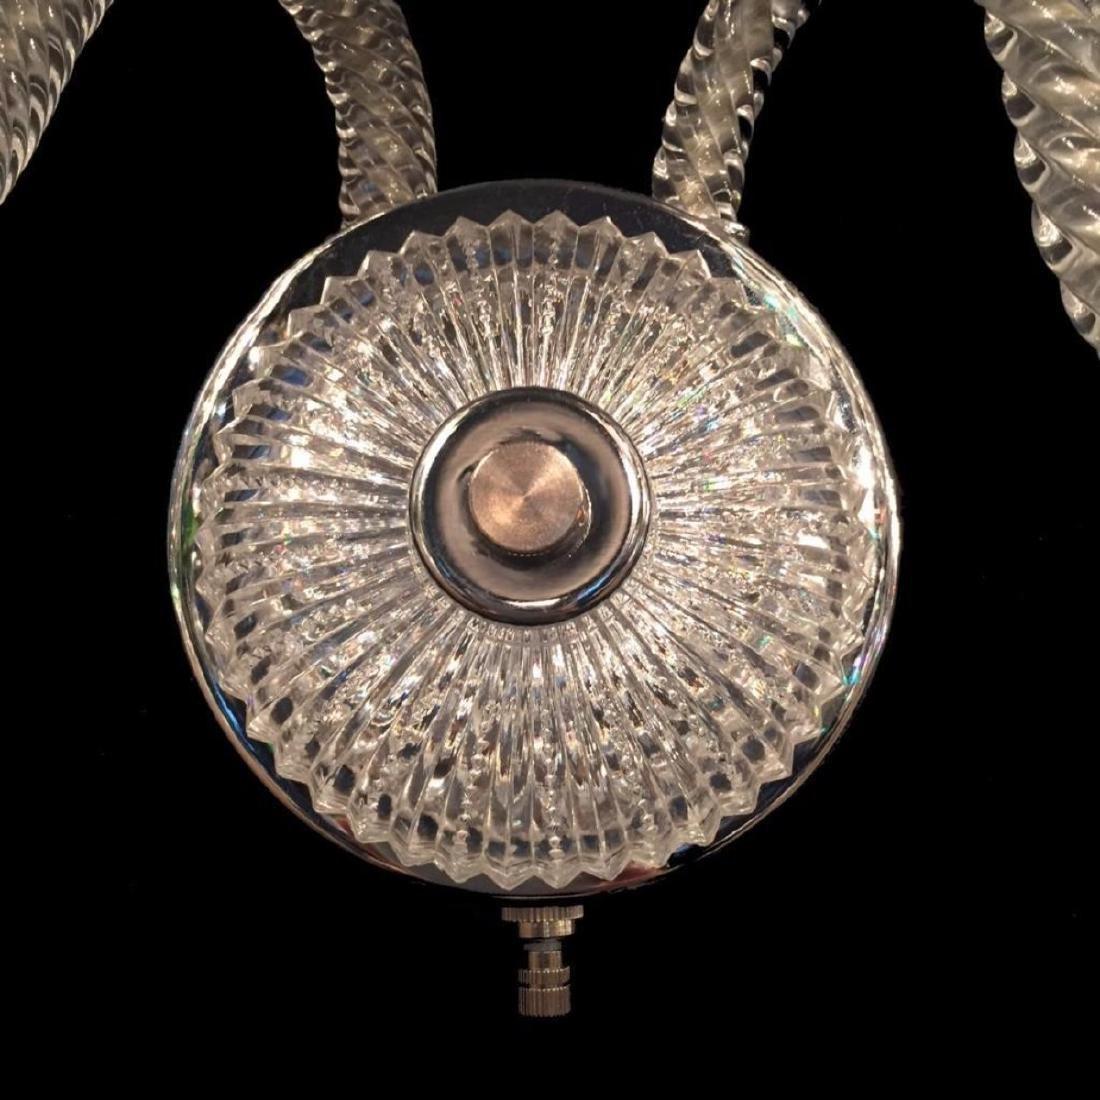 Sconce 3 - 3 Light Crystal Sconce with Swarovski - 4